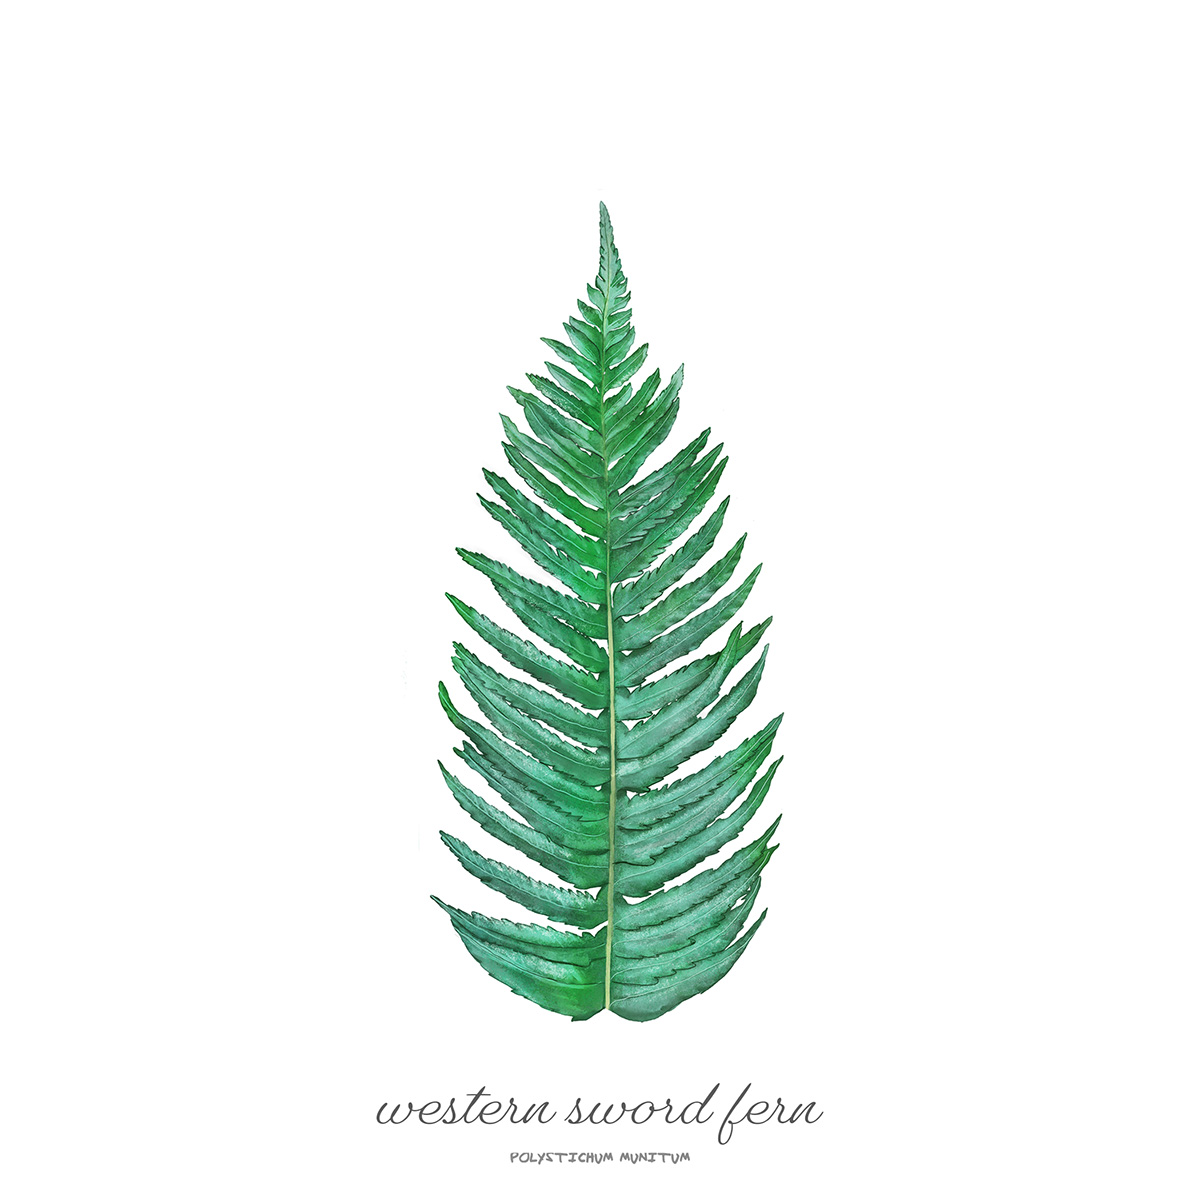 Western Sword Fern /  Polystichum munitum